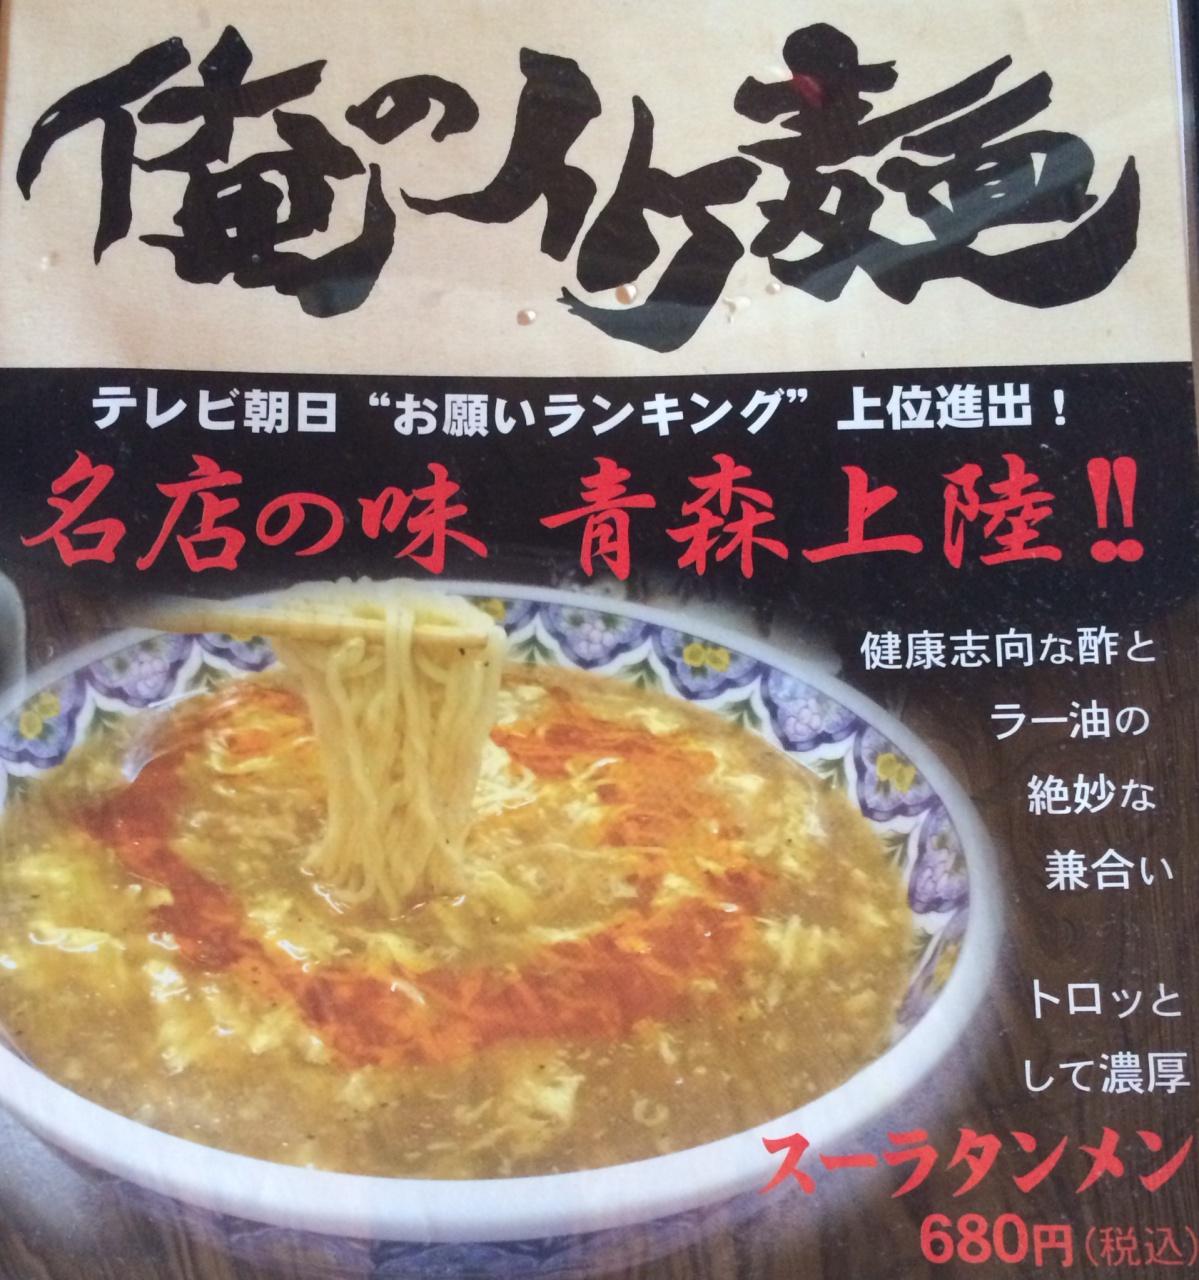 俺のイケ麺